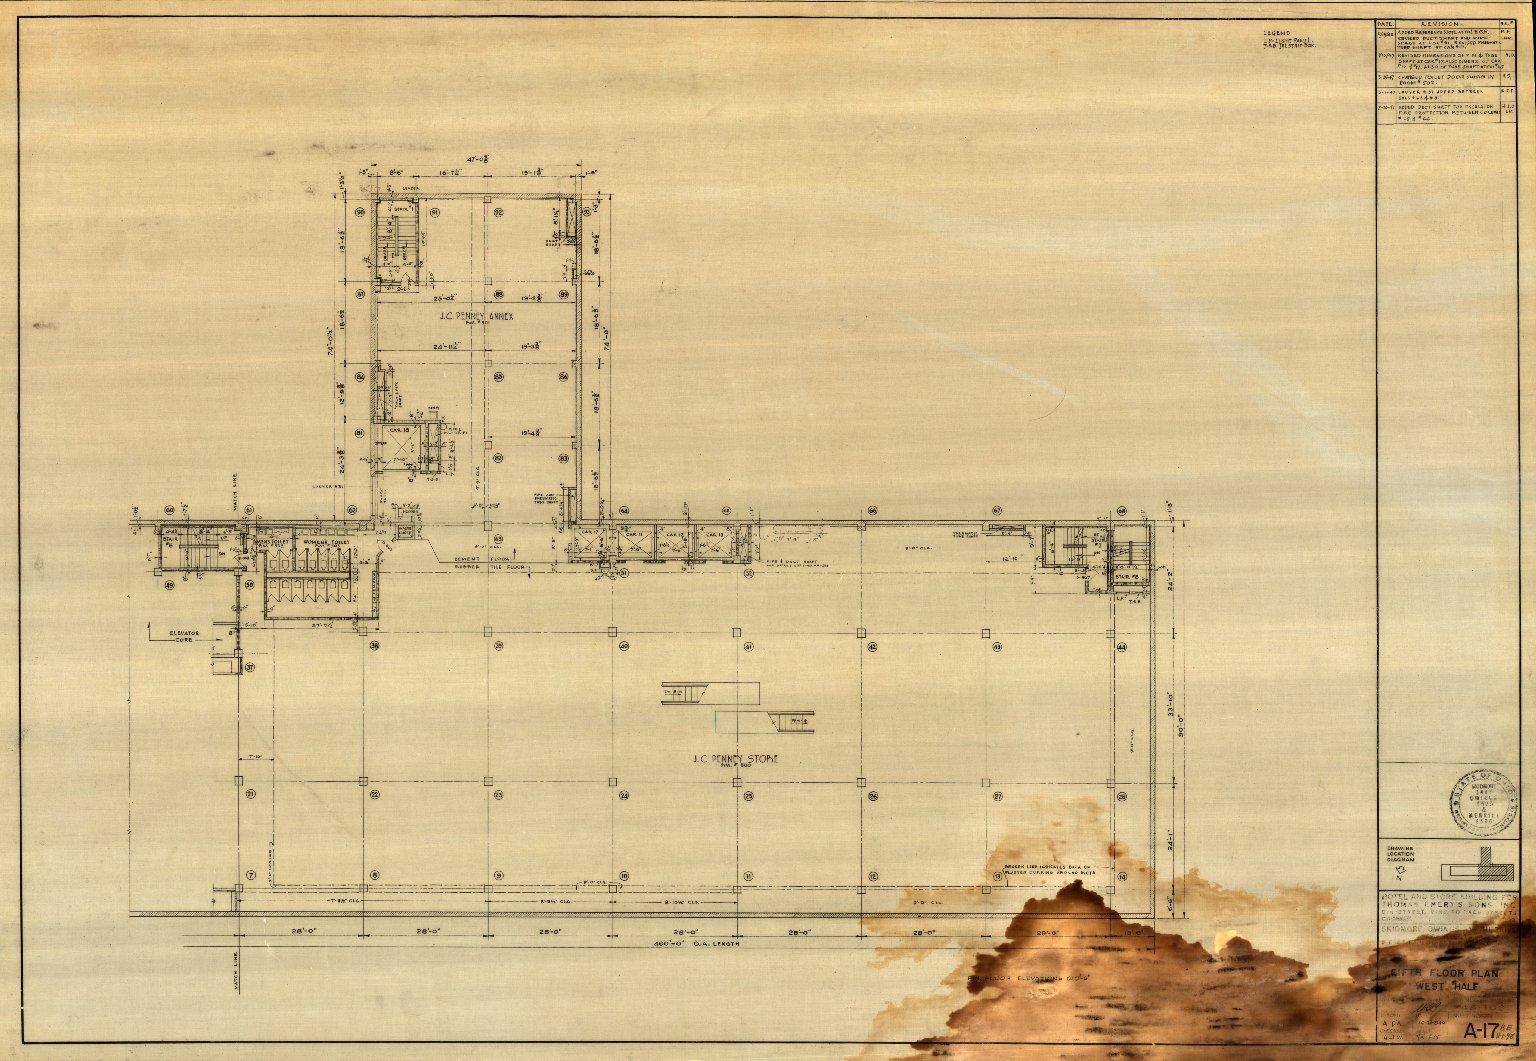 Fifth Floor Plan West Half (A 17)